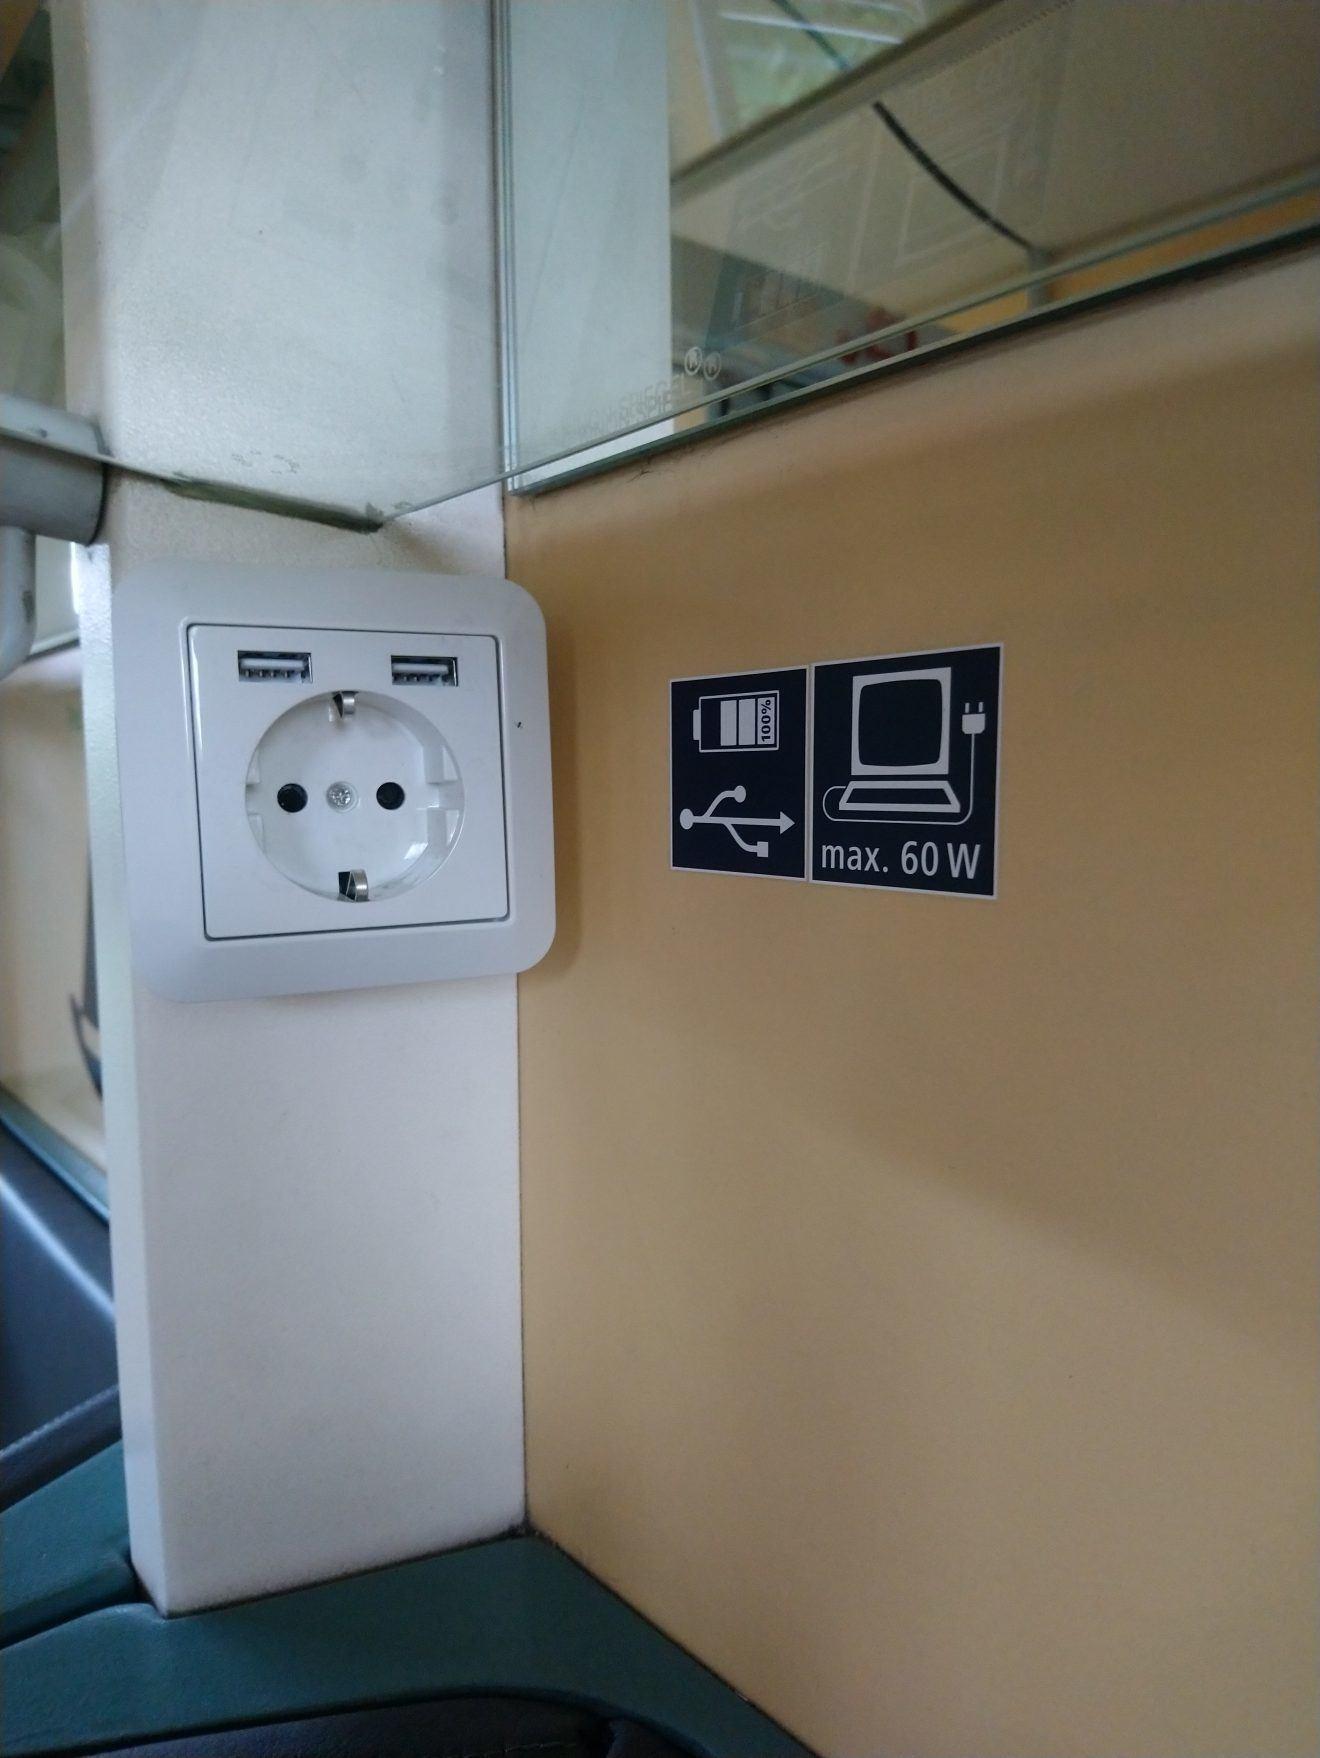 Konnektorok és USB-töltők a Flixtrain egy vonatán: ez ma már alapfelszereltség (Kép: railguideeurope.com)